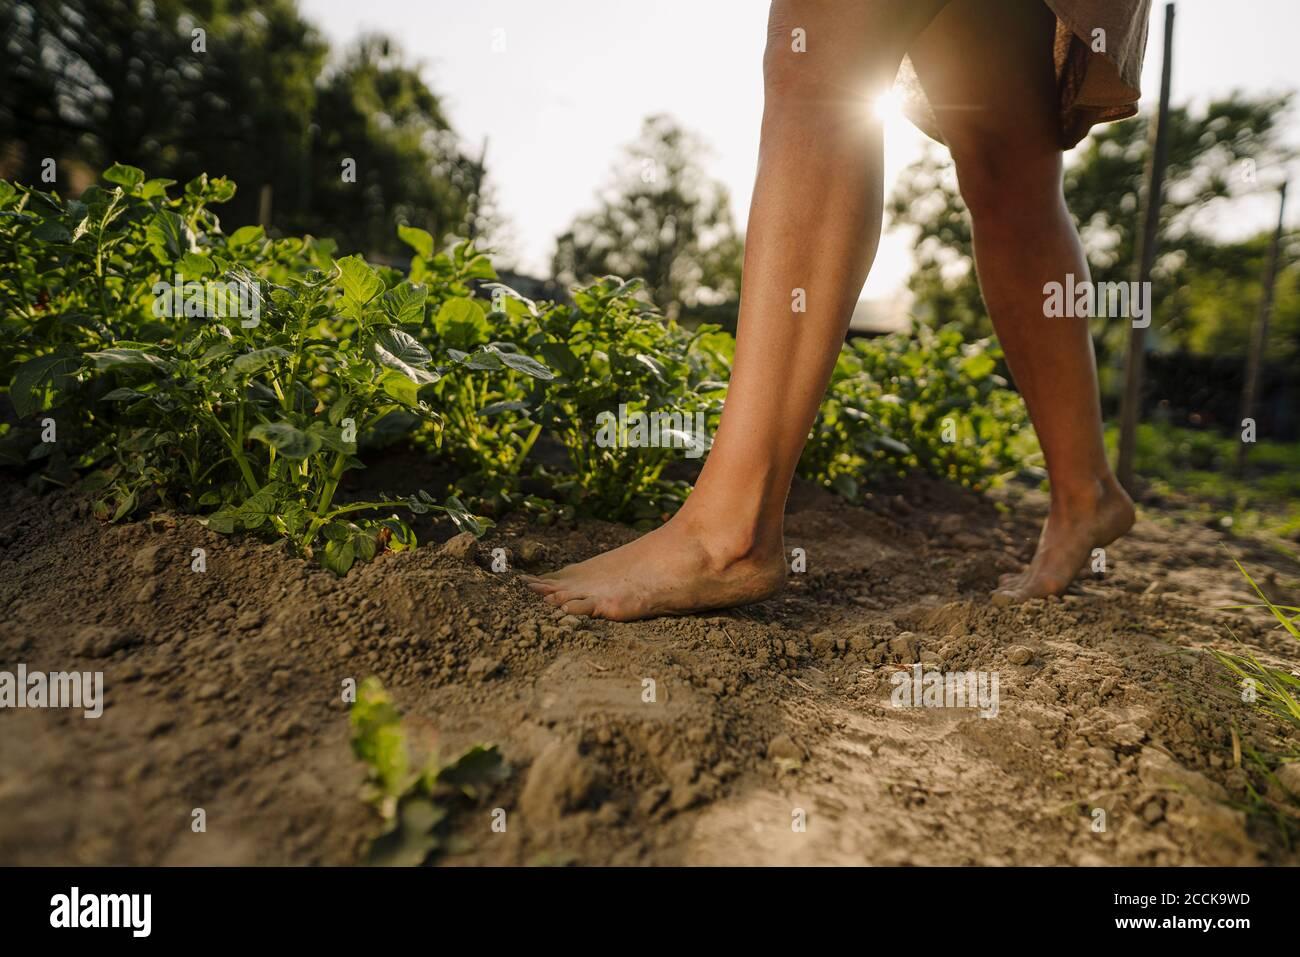 Pies descalzos de una mujer caminando sobre el suelo en una verdura parche Foto de stock